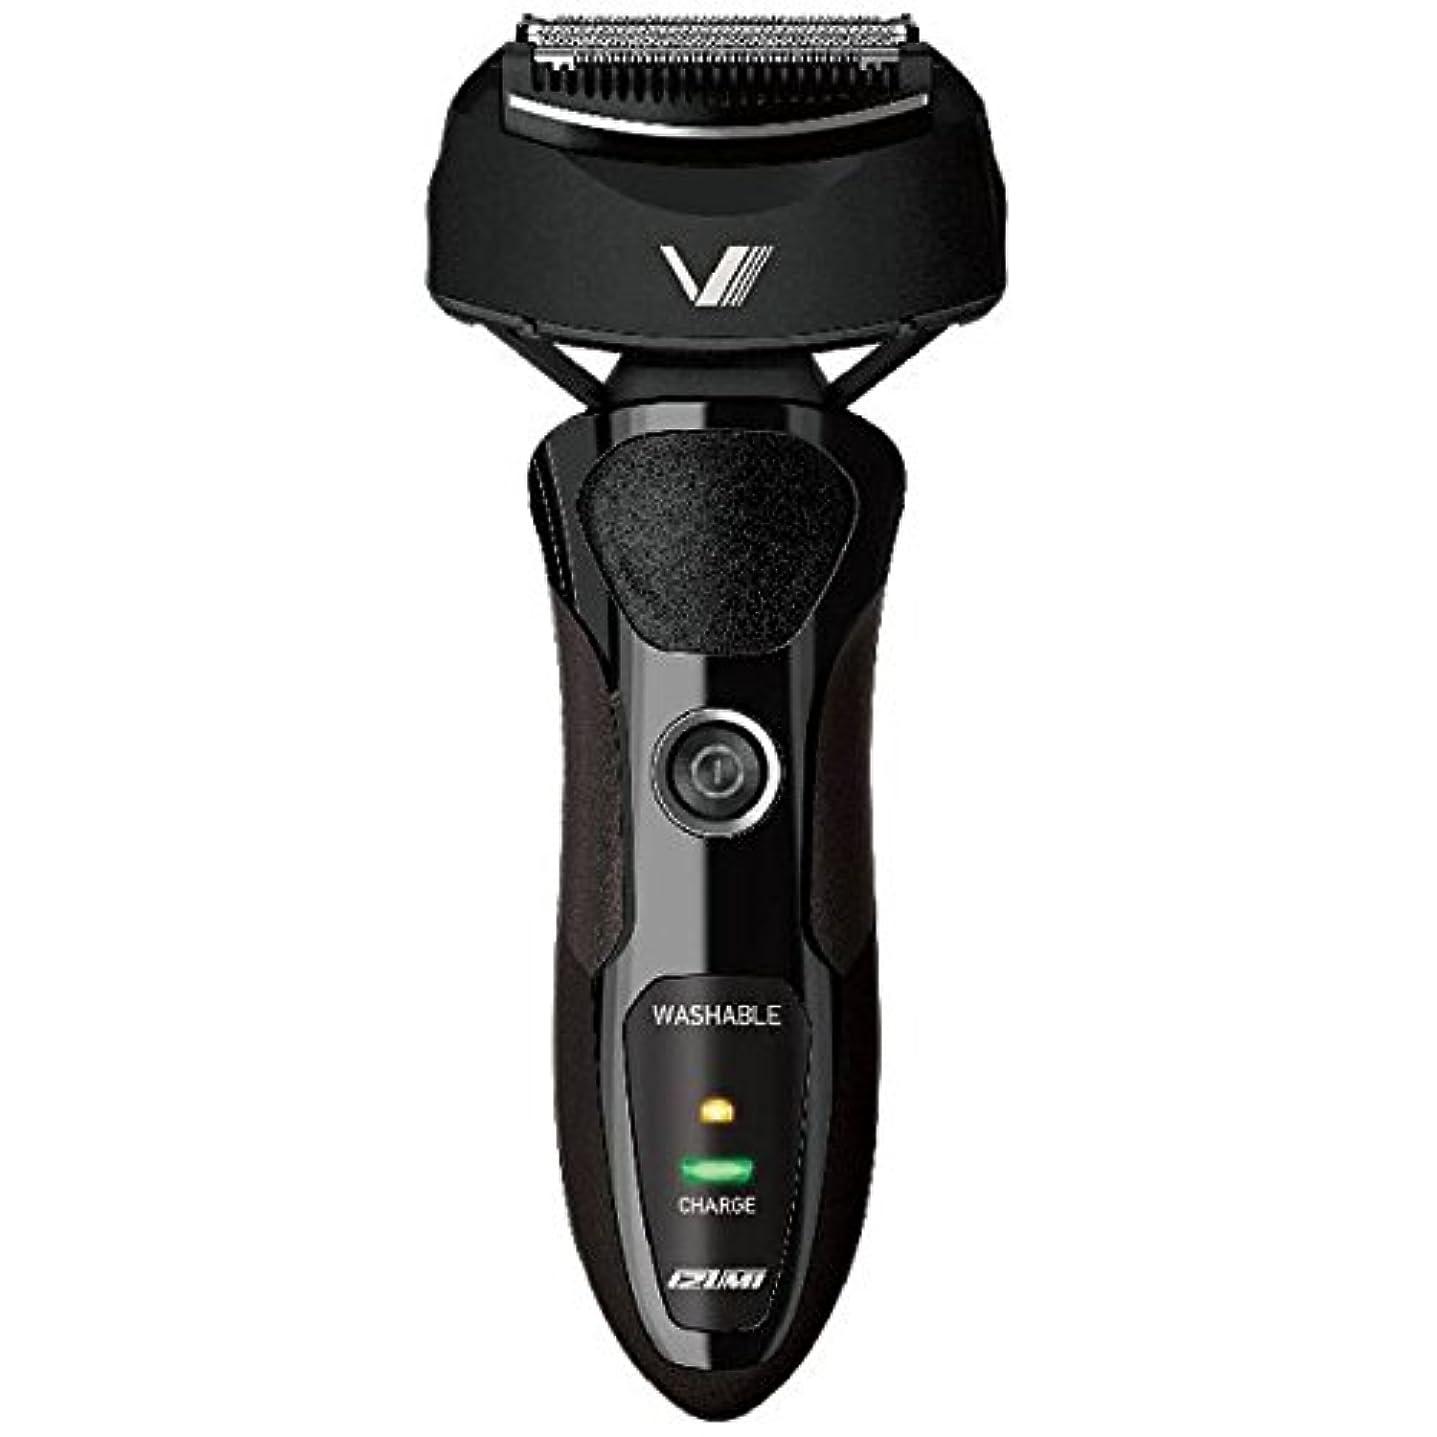 意気消沈したフルーティー重大IZUMI VIDAN 往復式シェーバー 深剃りシリーズ 3枚刃 ブラック IZF-V36-K